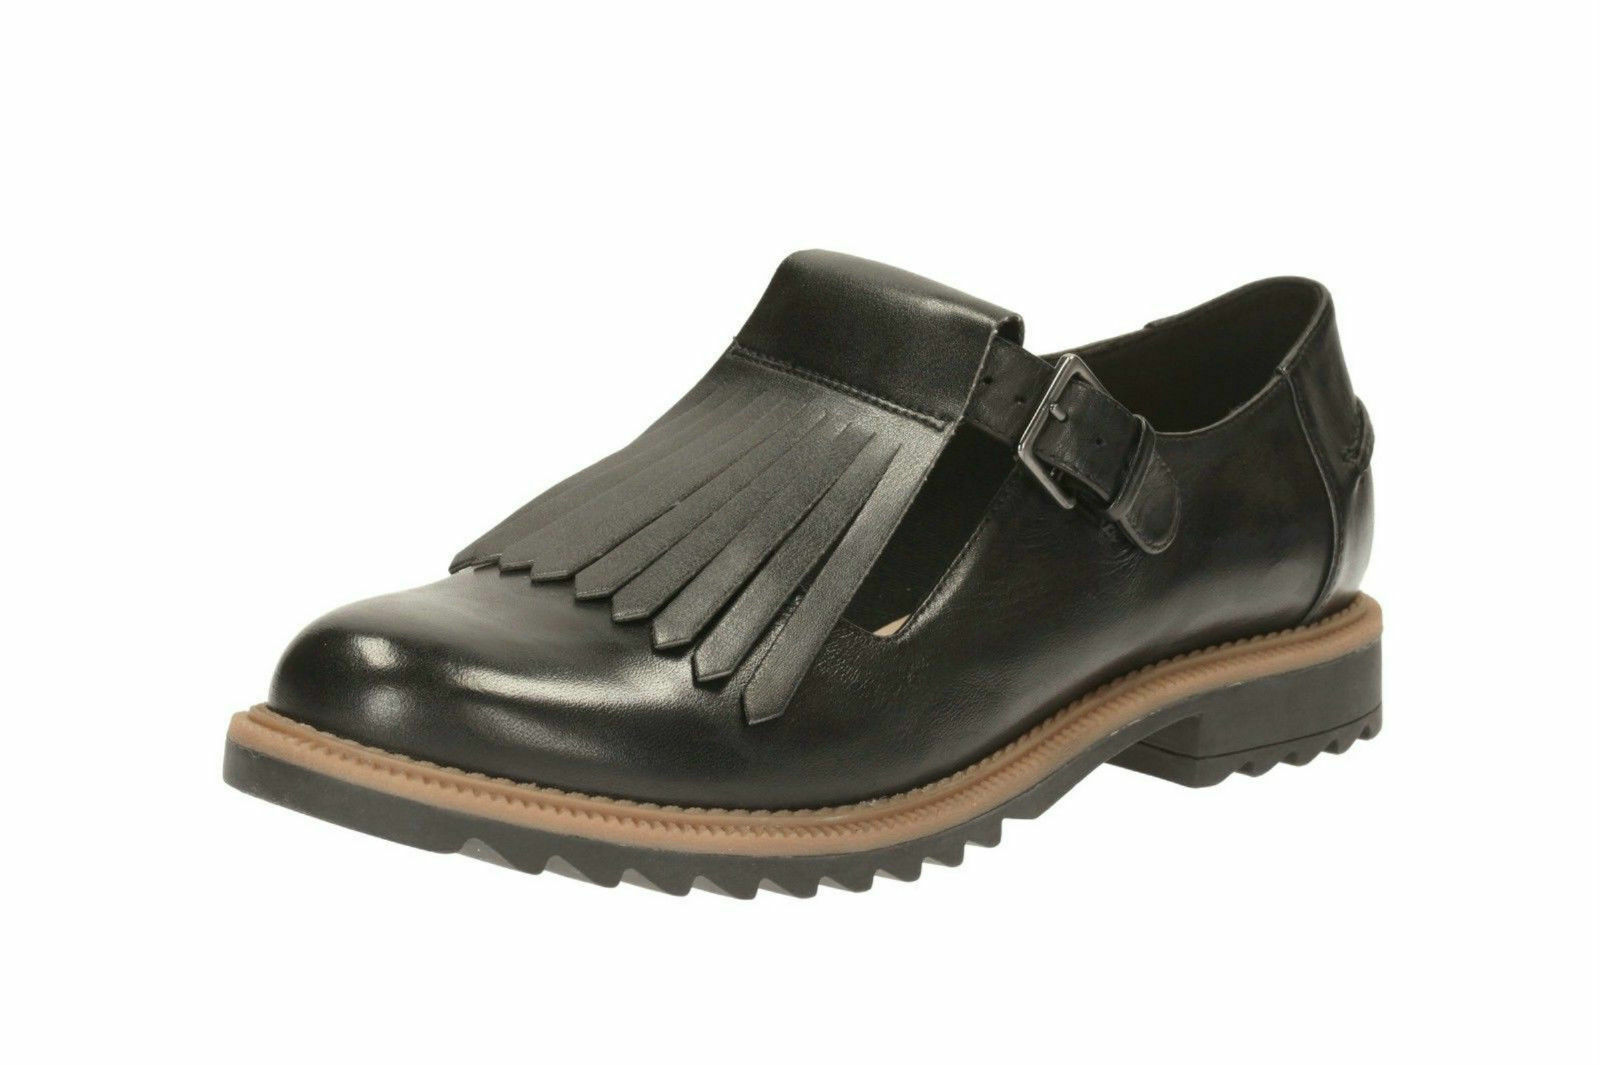 Clarks' Greifen Mia' Damen Schwarz Leder Schnalle 3cm Blockabsatz Schuhe D Für